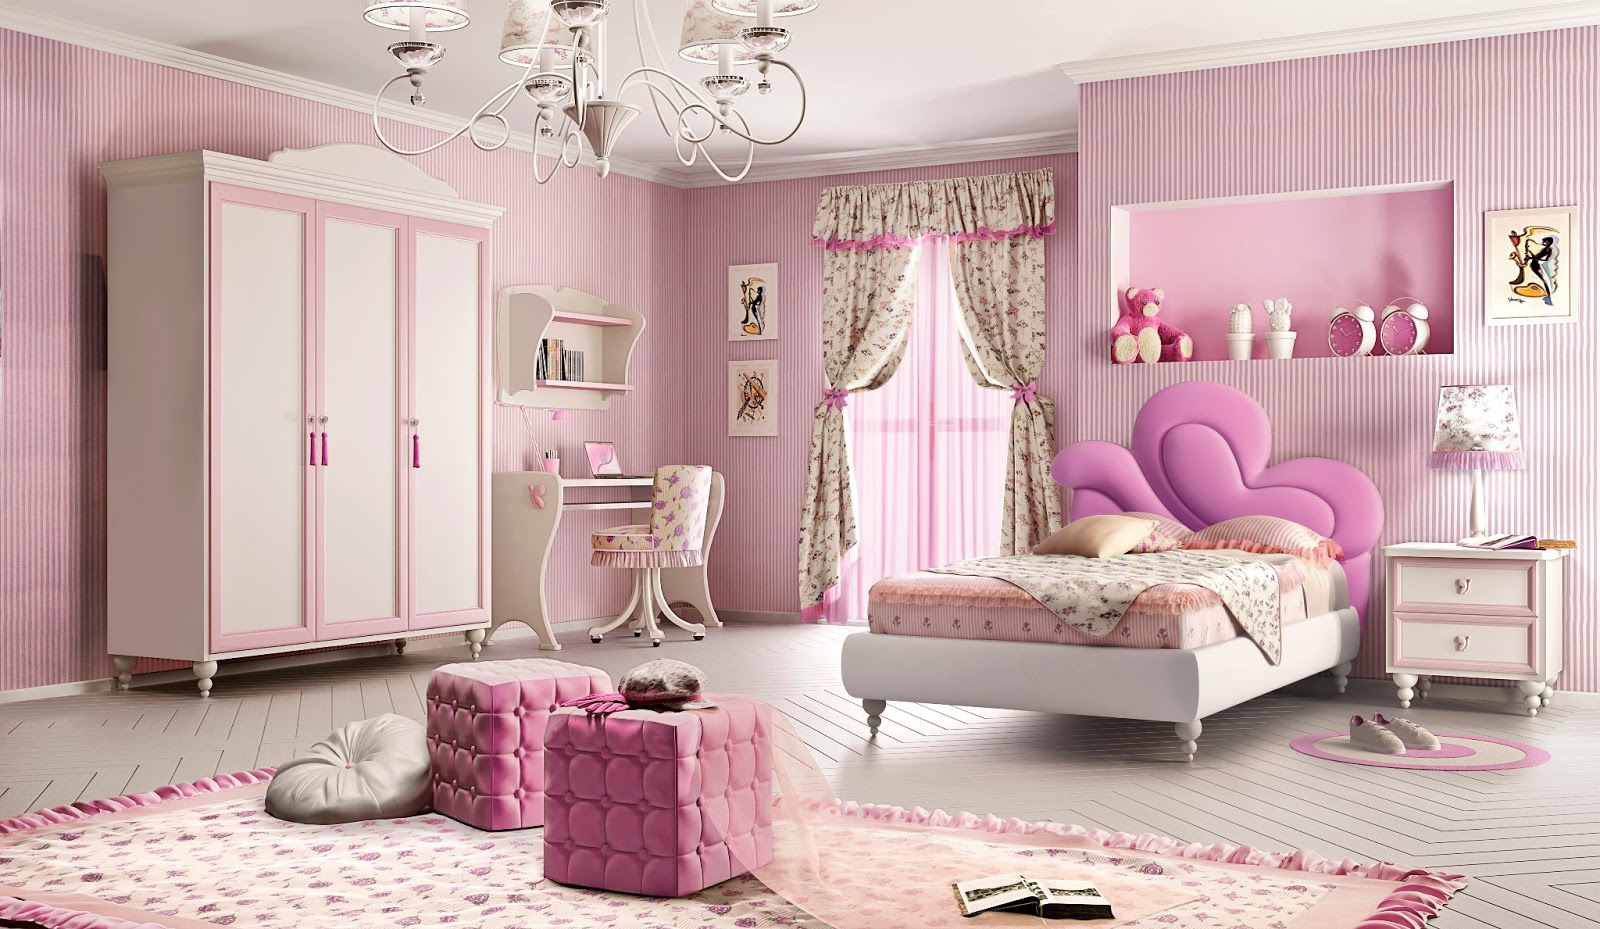 Dormitorios con el estilo princesa for Dormitorios para ninas quito